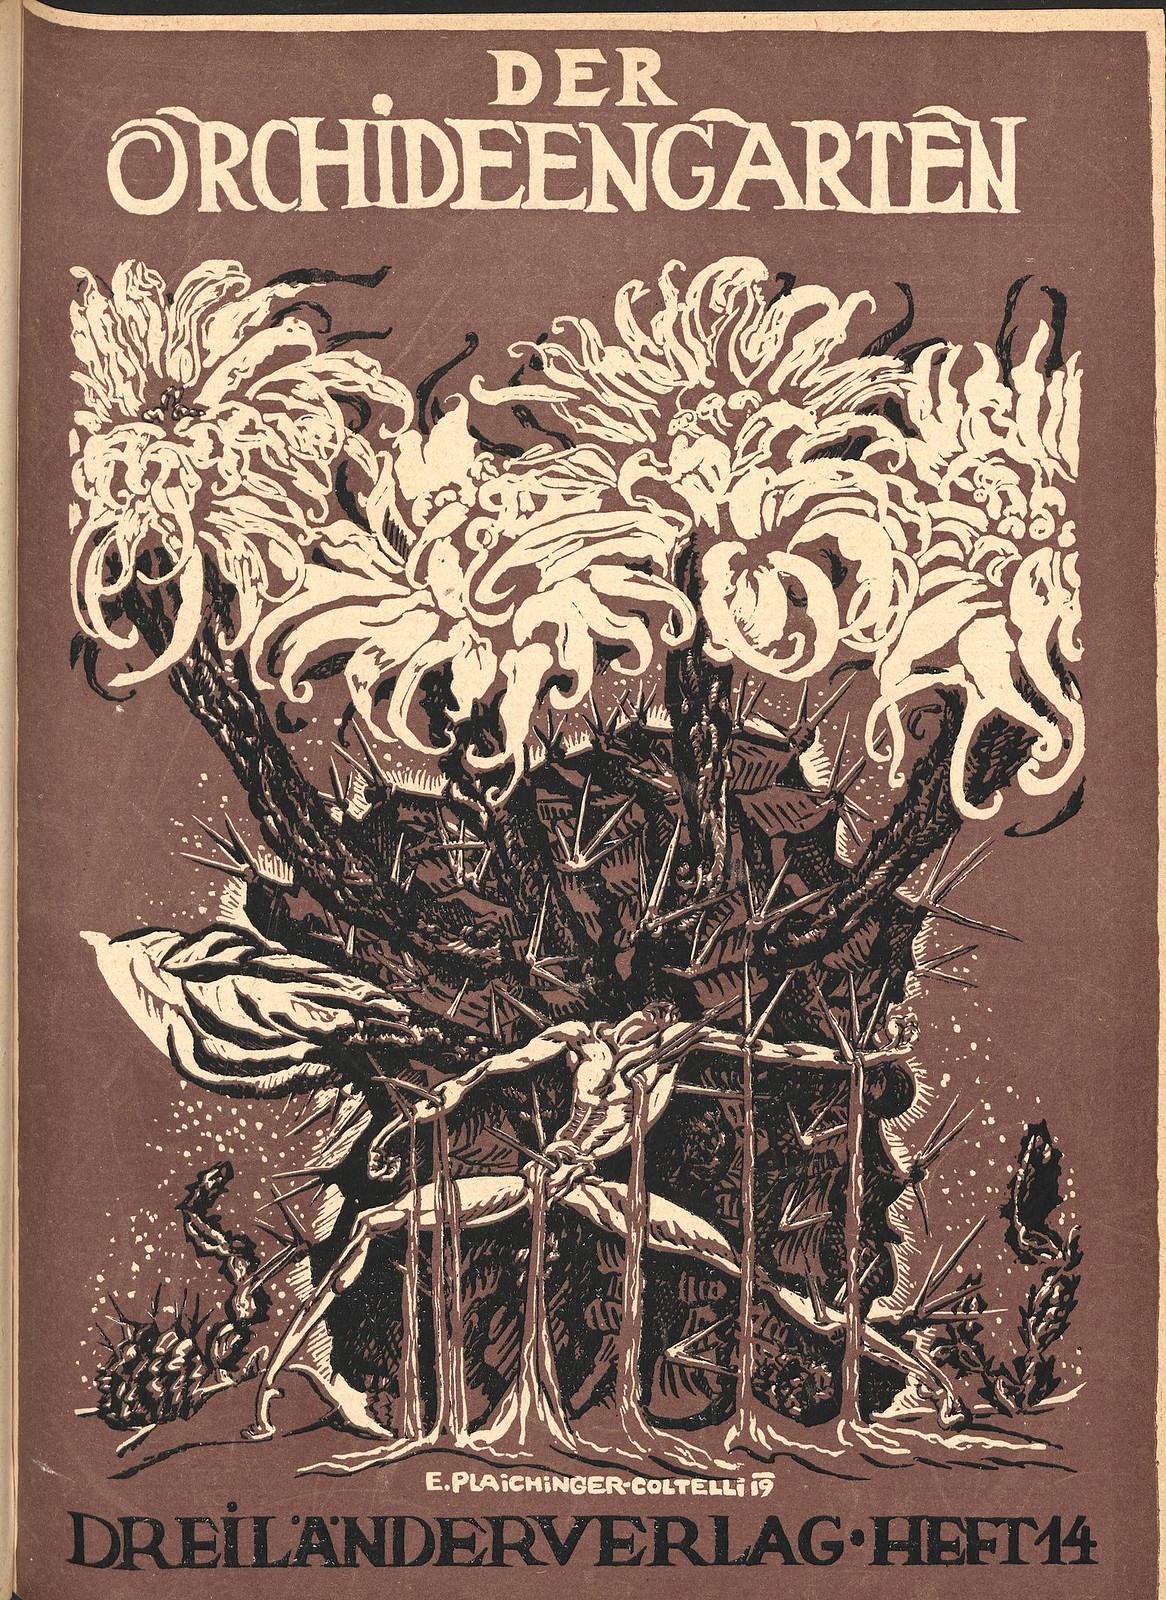 Der Orchideengarten - 1919 (Cover 14)